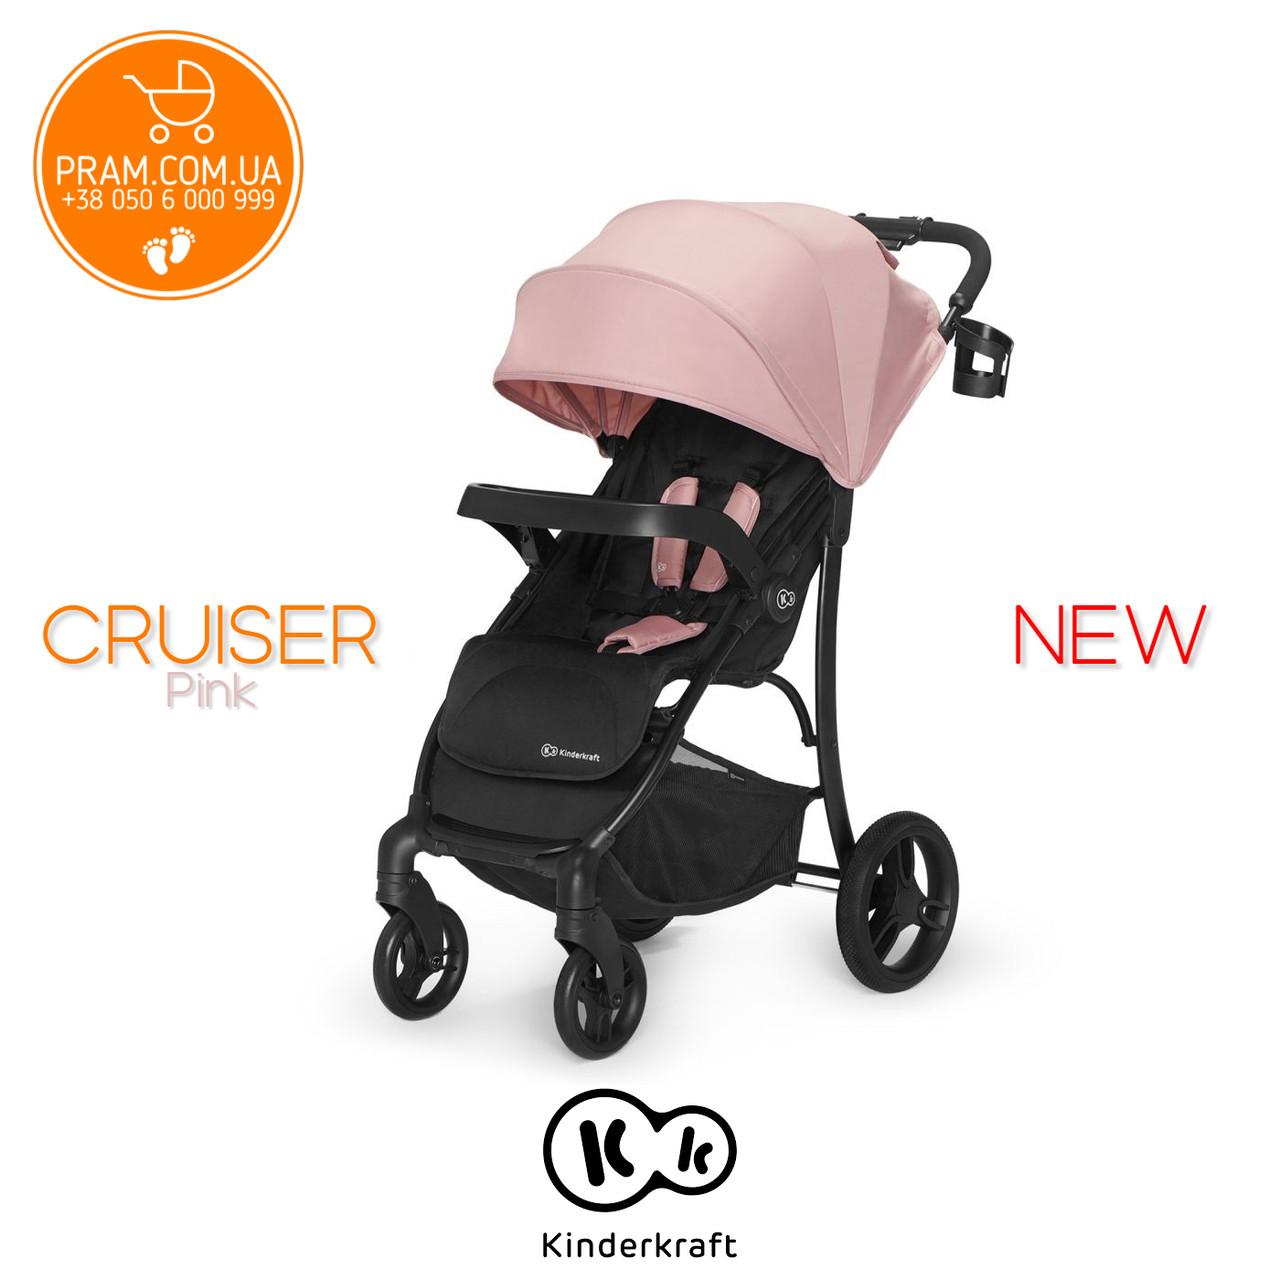 Kinderkraft Cruiser прогулочная коляска Pink Розовый